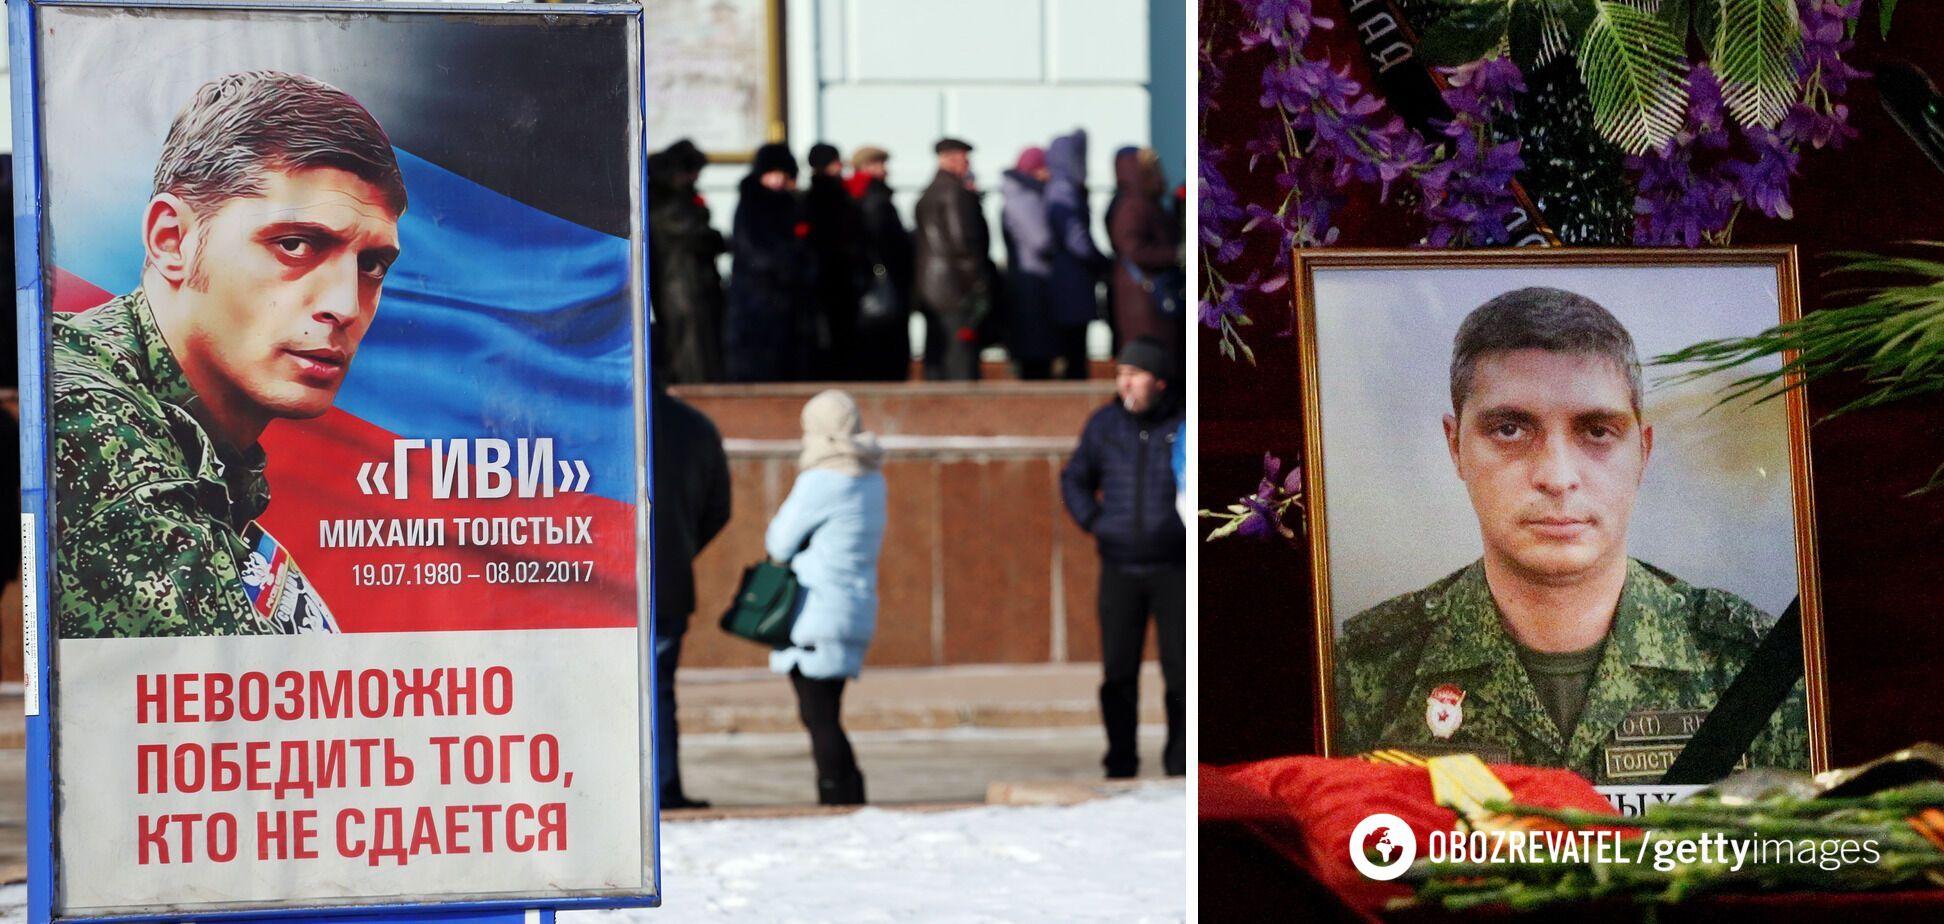 """Такі плакати в Макіївці помітили через два дні після смерті """"Гіві"""", 10 лютого 2017 року"""